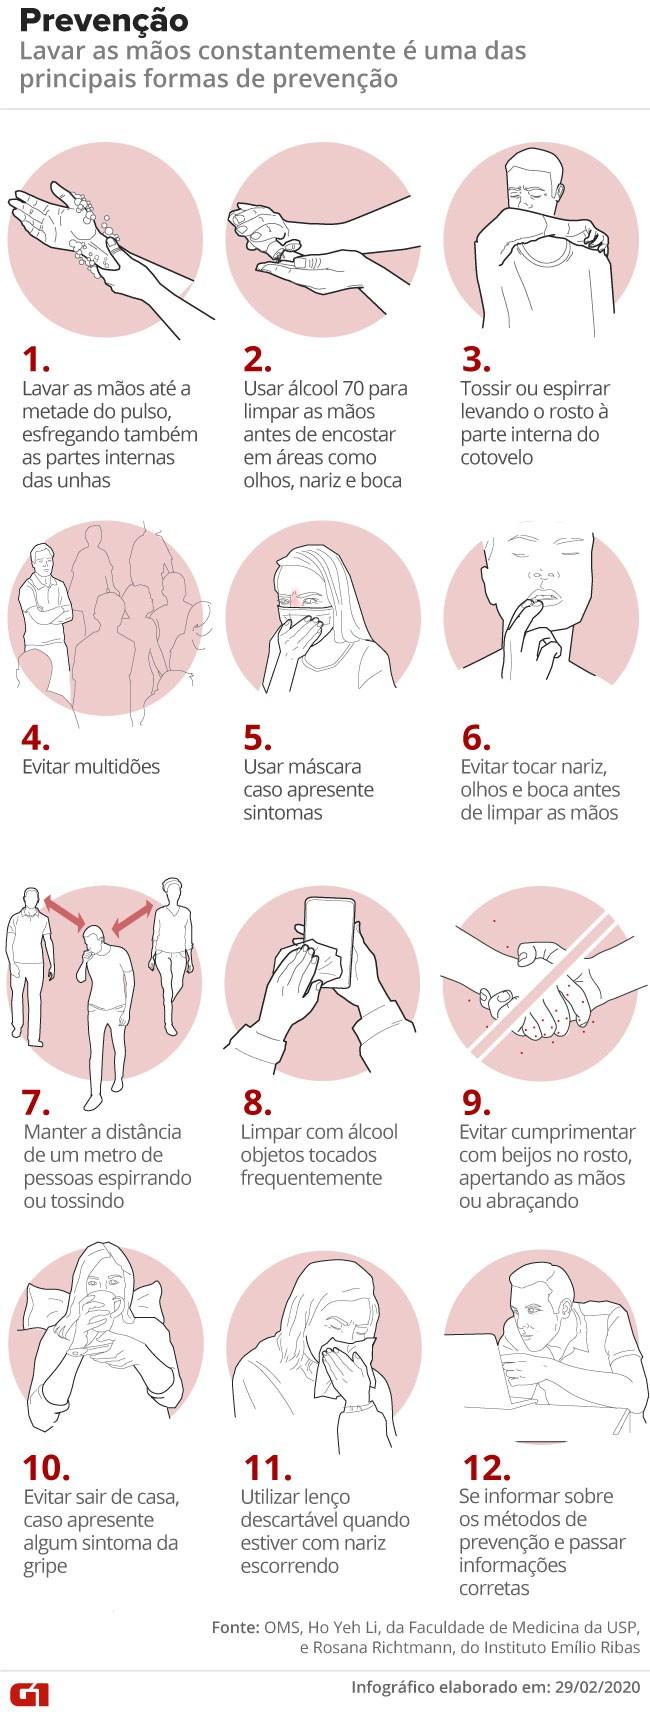 Maranhão registra a primeira morte pelo novo coronavírus